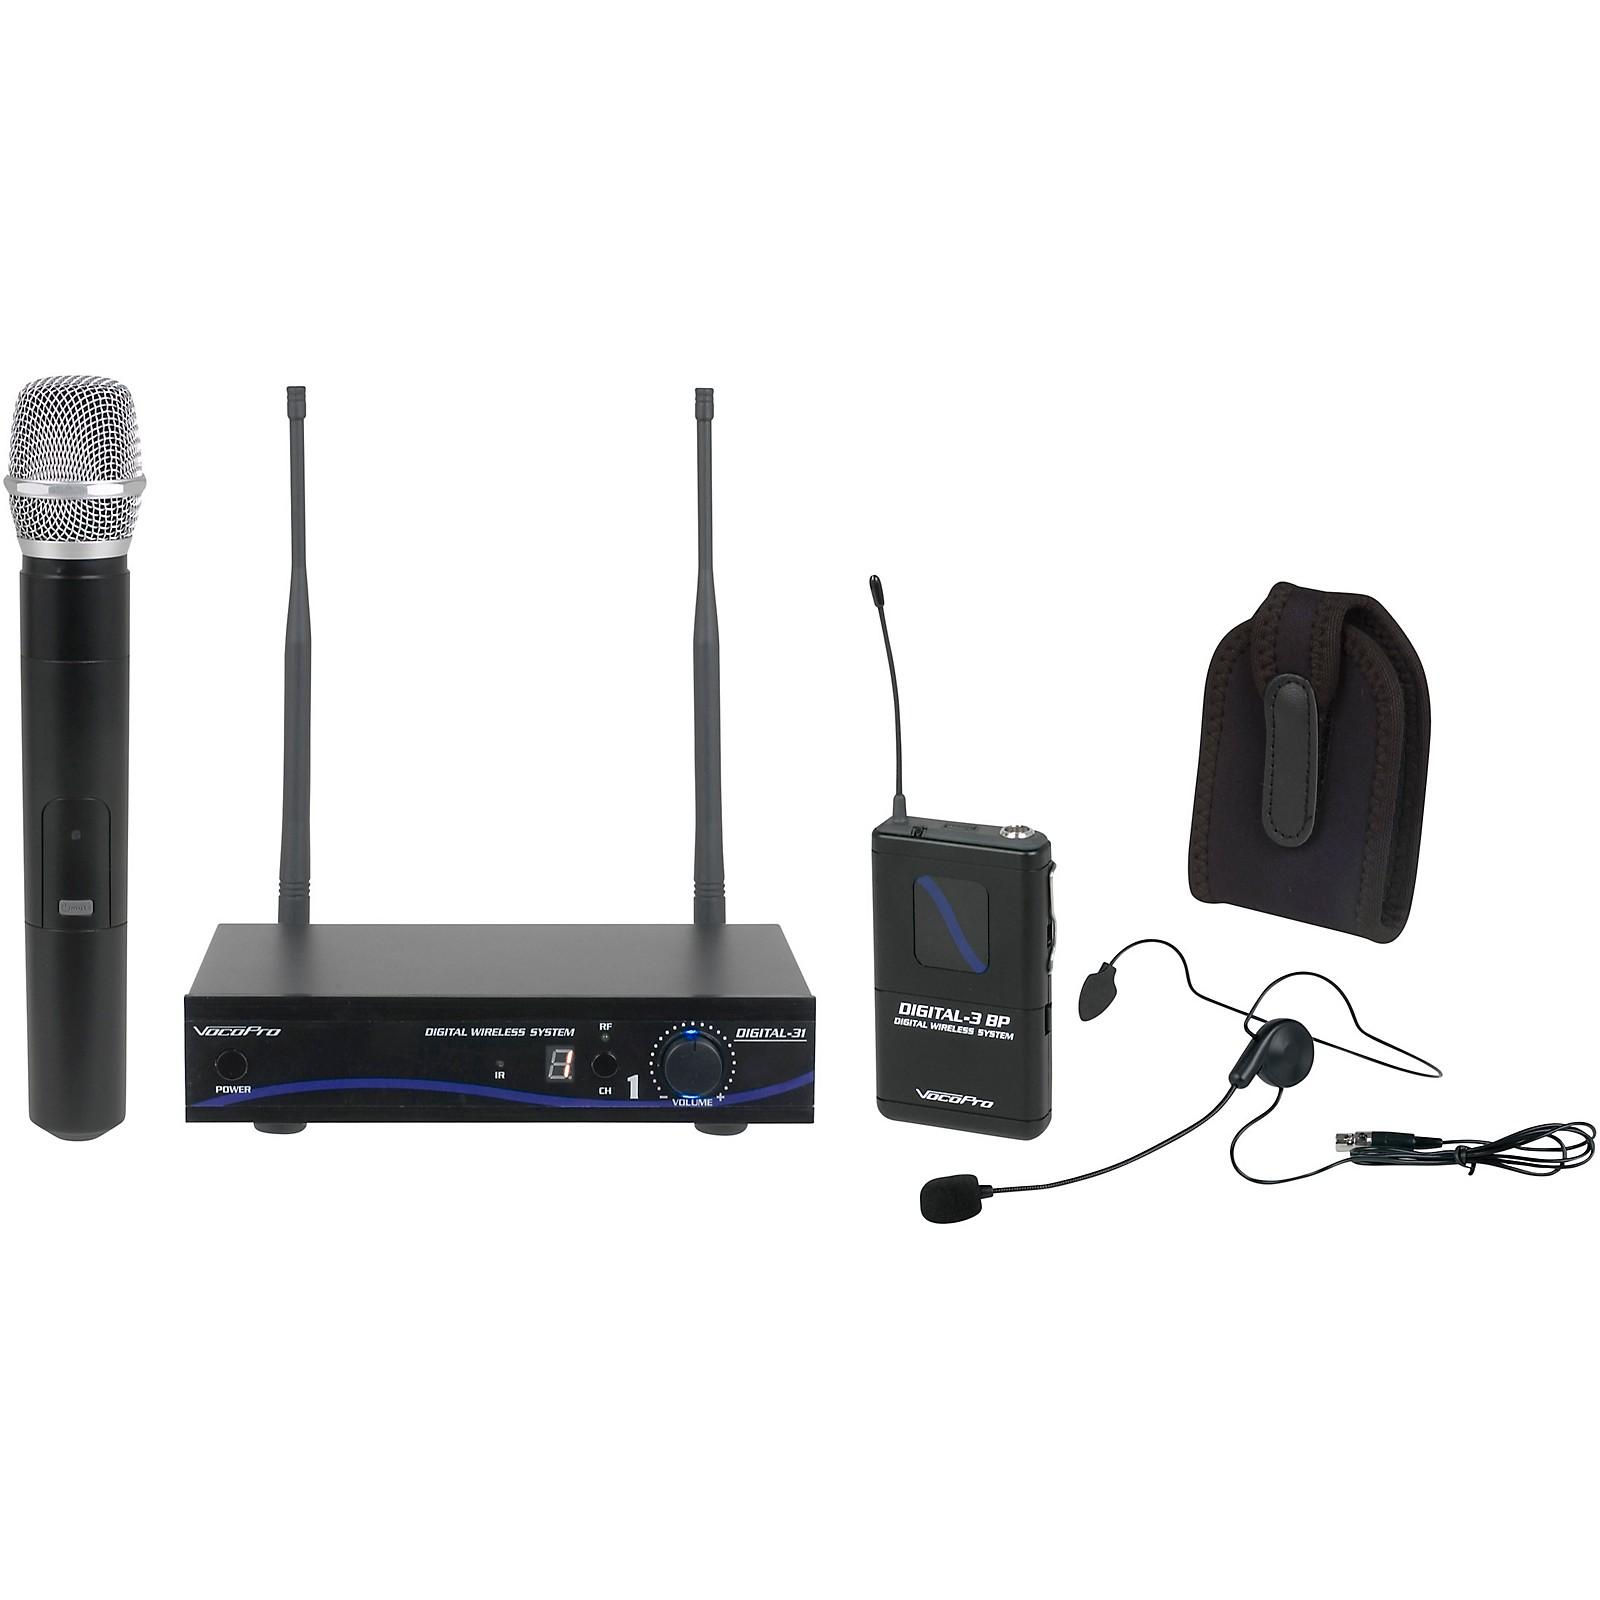 Open Box VocoPro DIGITAL-31-ULTRA Wireless System, Single-Channel